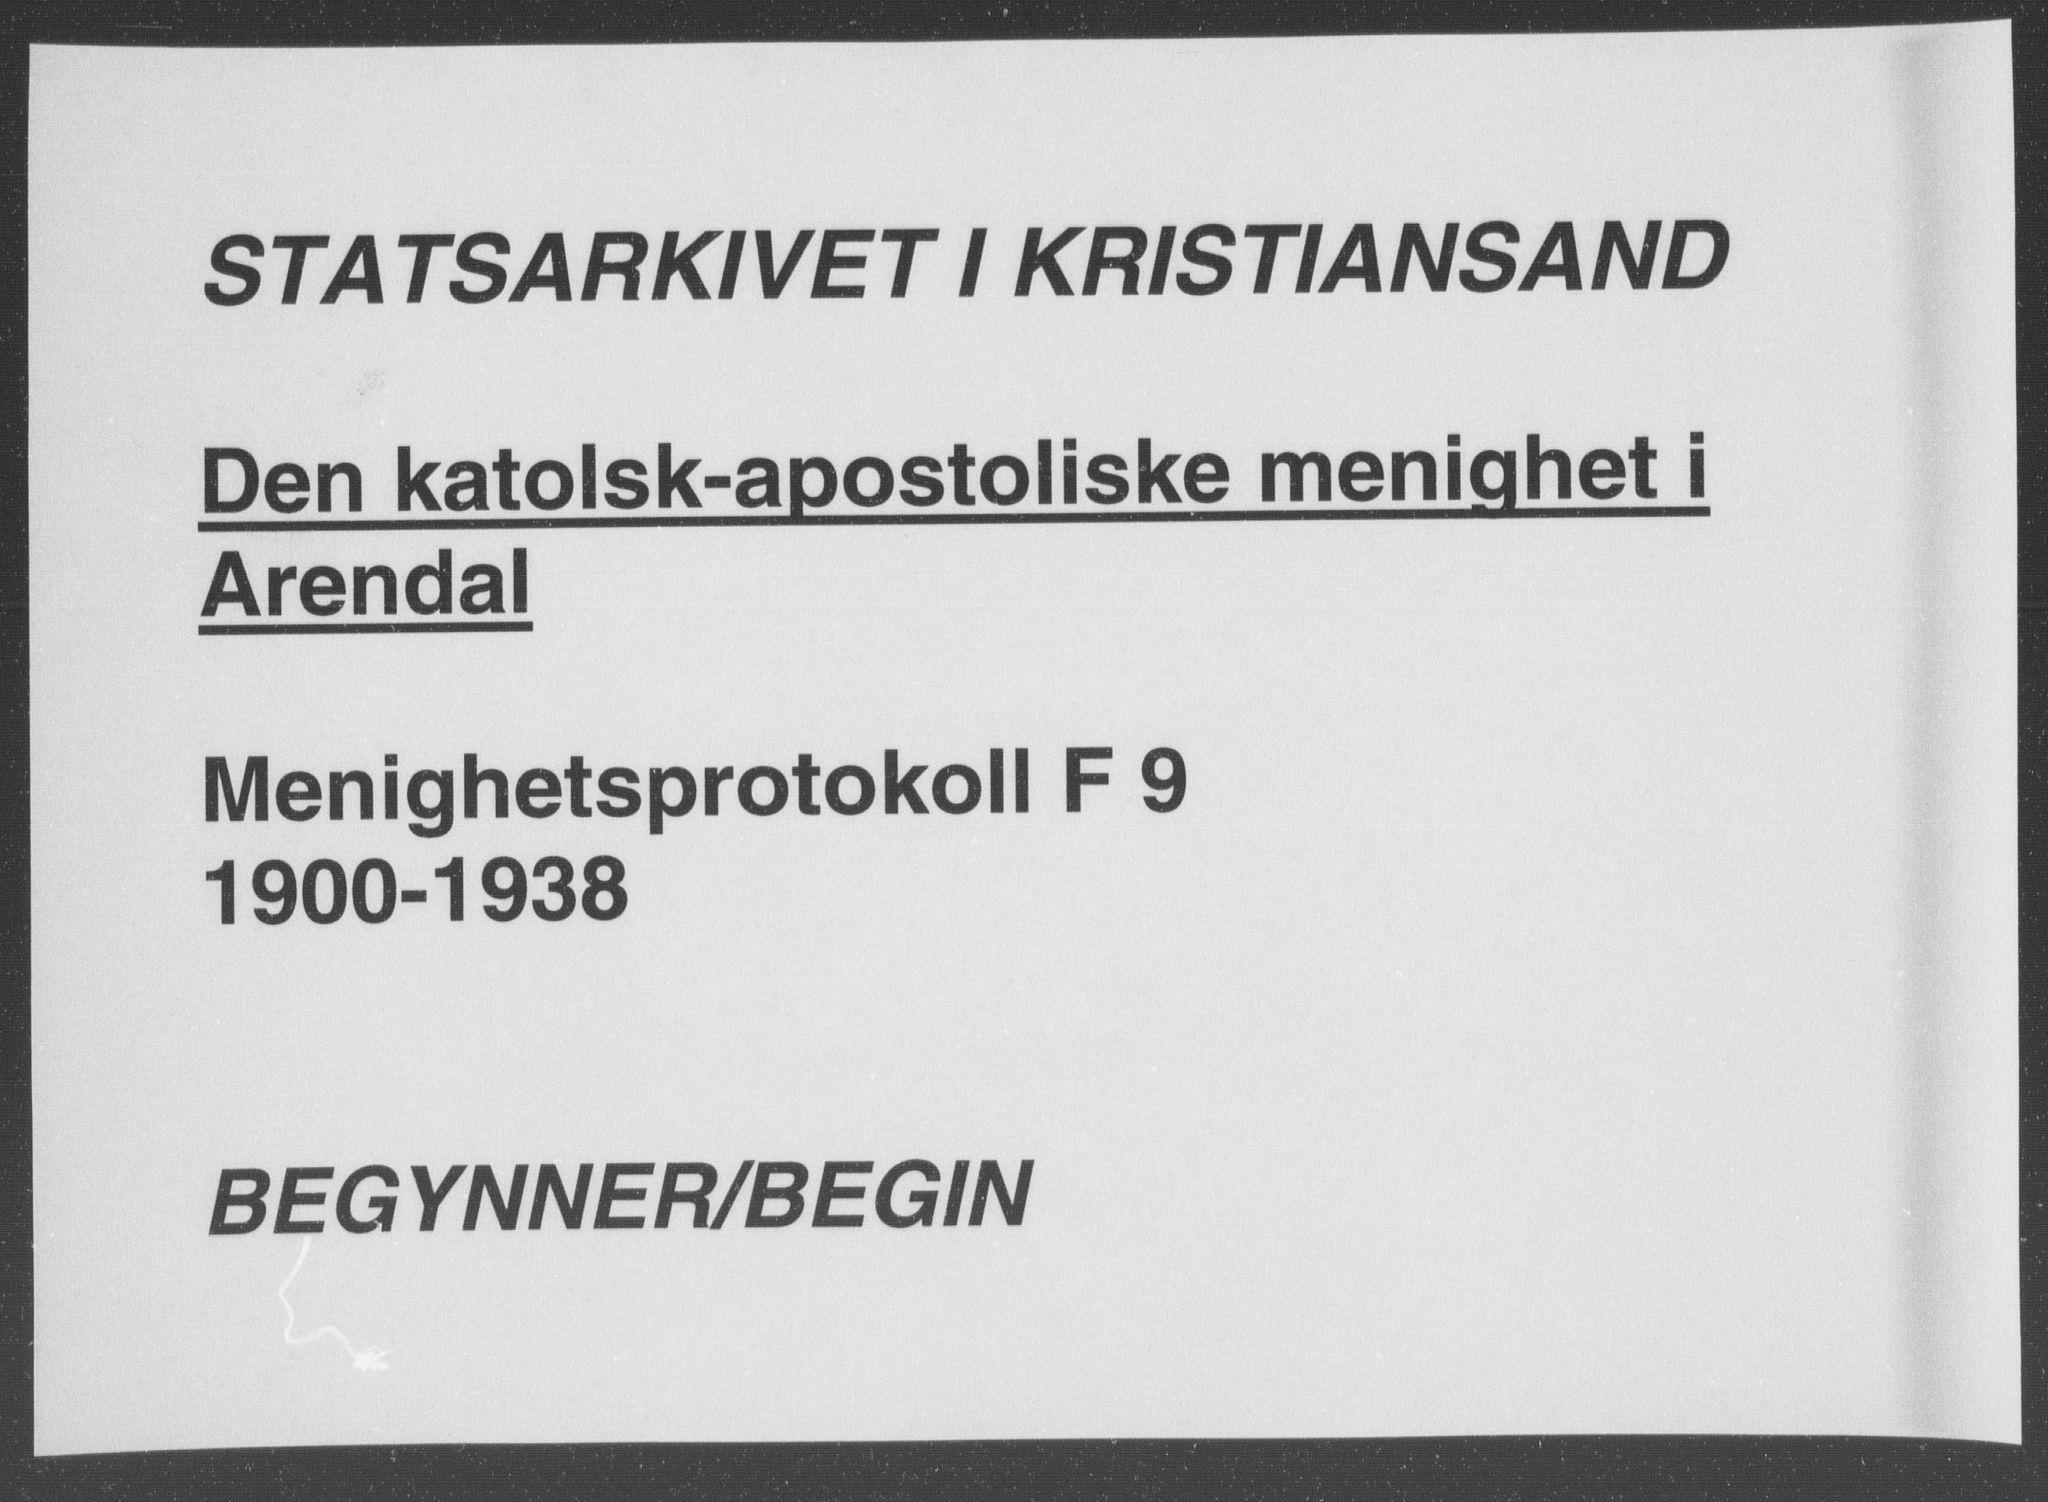 SAK, Den katolsk-apostoliske menighet, Arendal, F/Fa/L0002: Dissenterprotokoll nr. F 9, 1900-1938